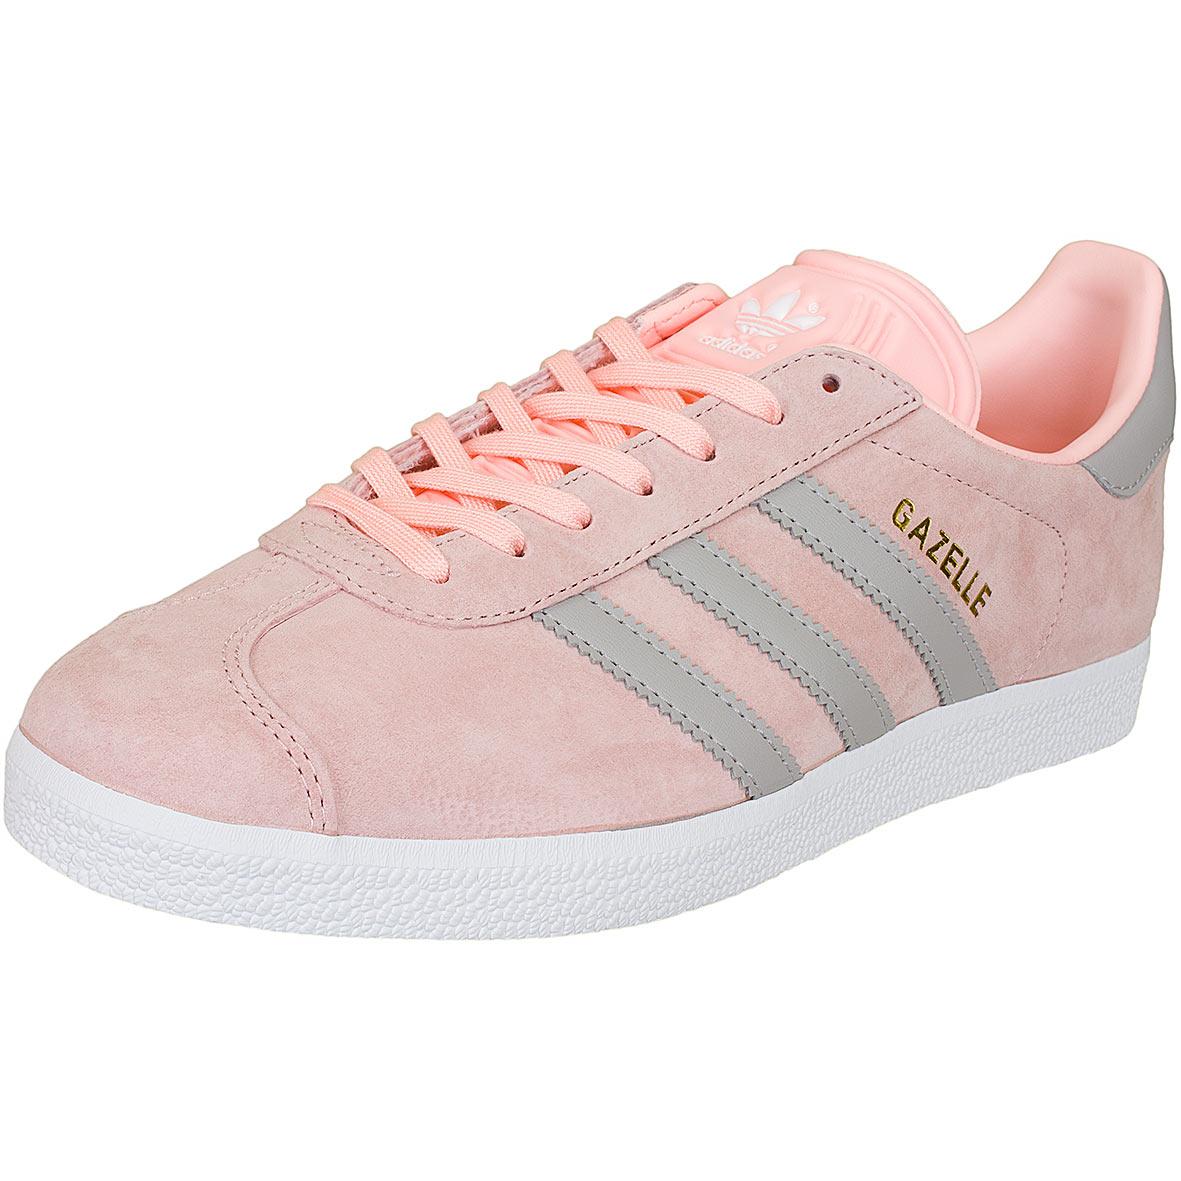 adidas gazelle grau rosa